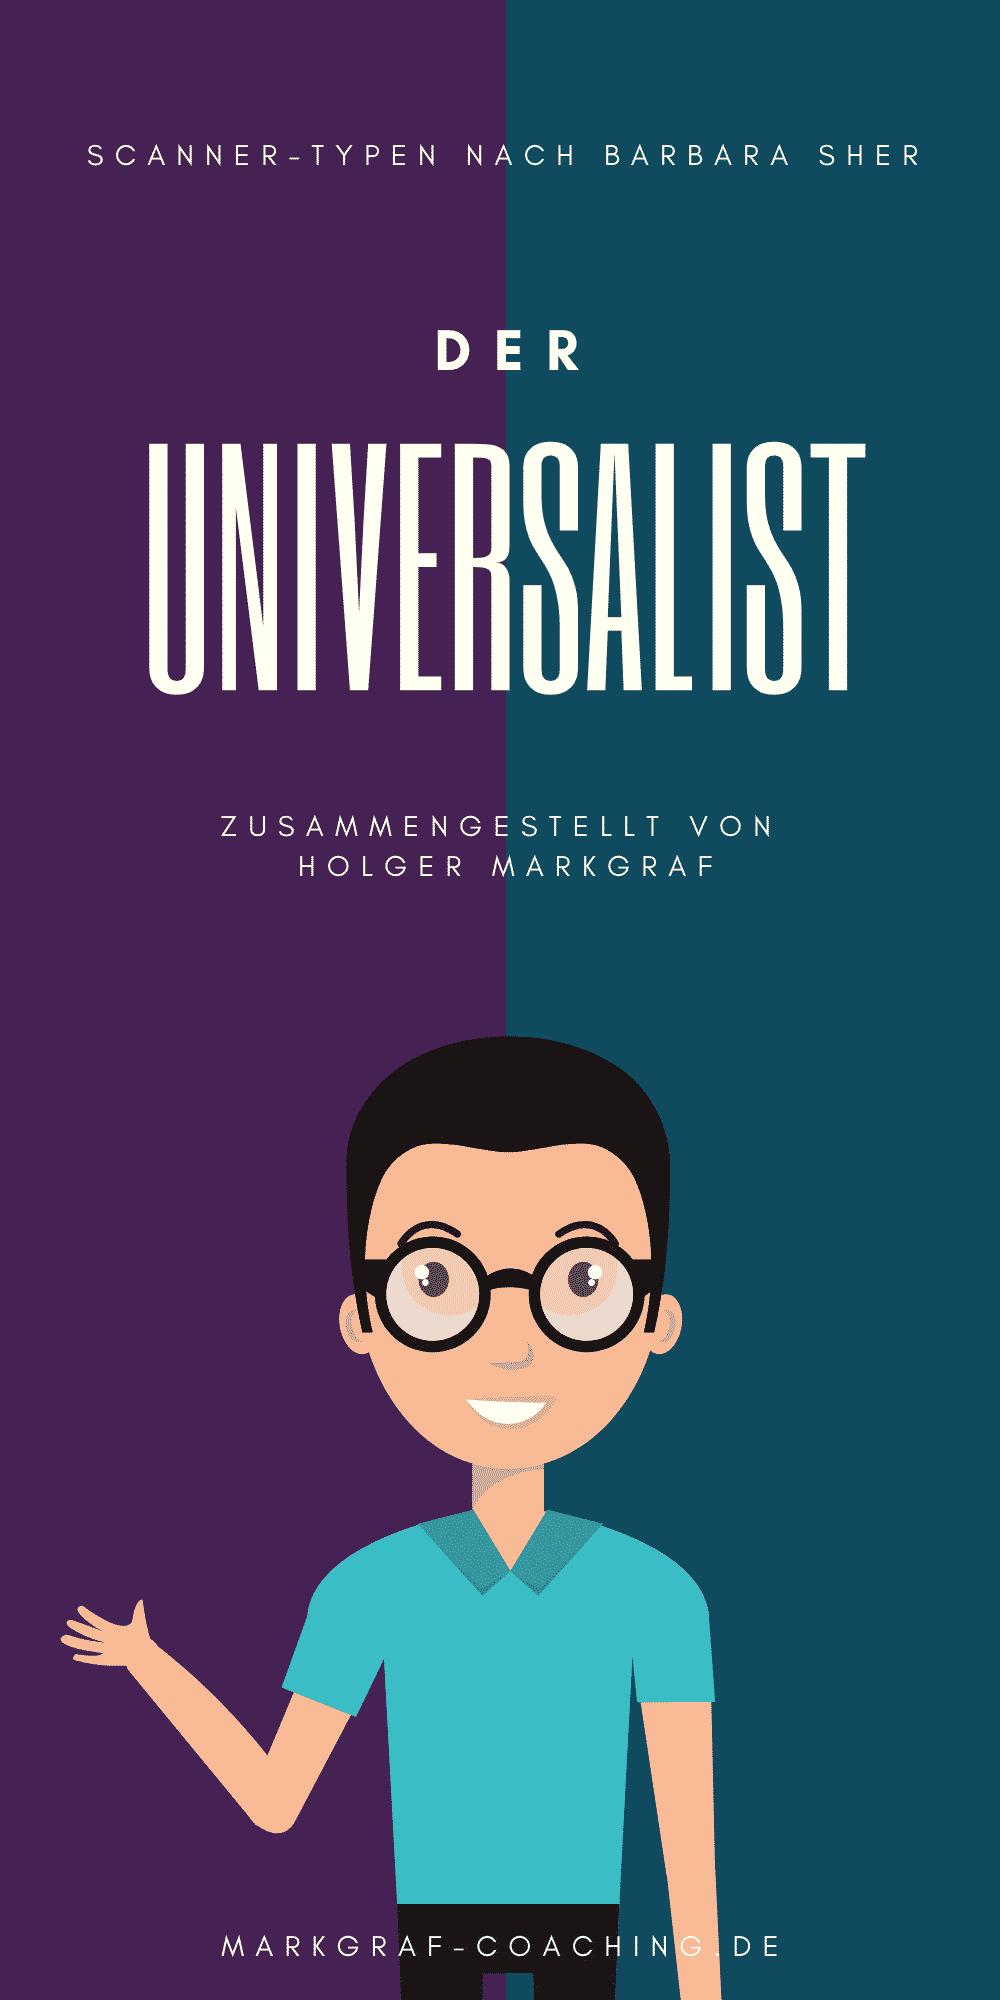 universalist